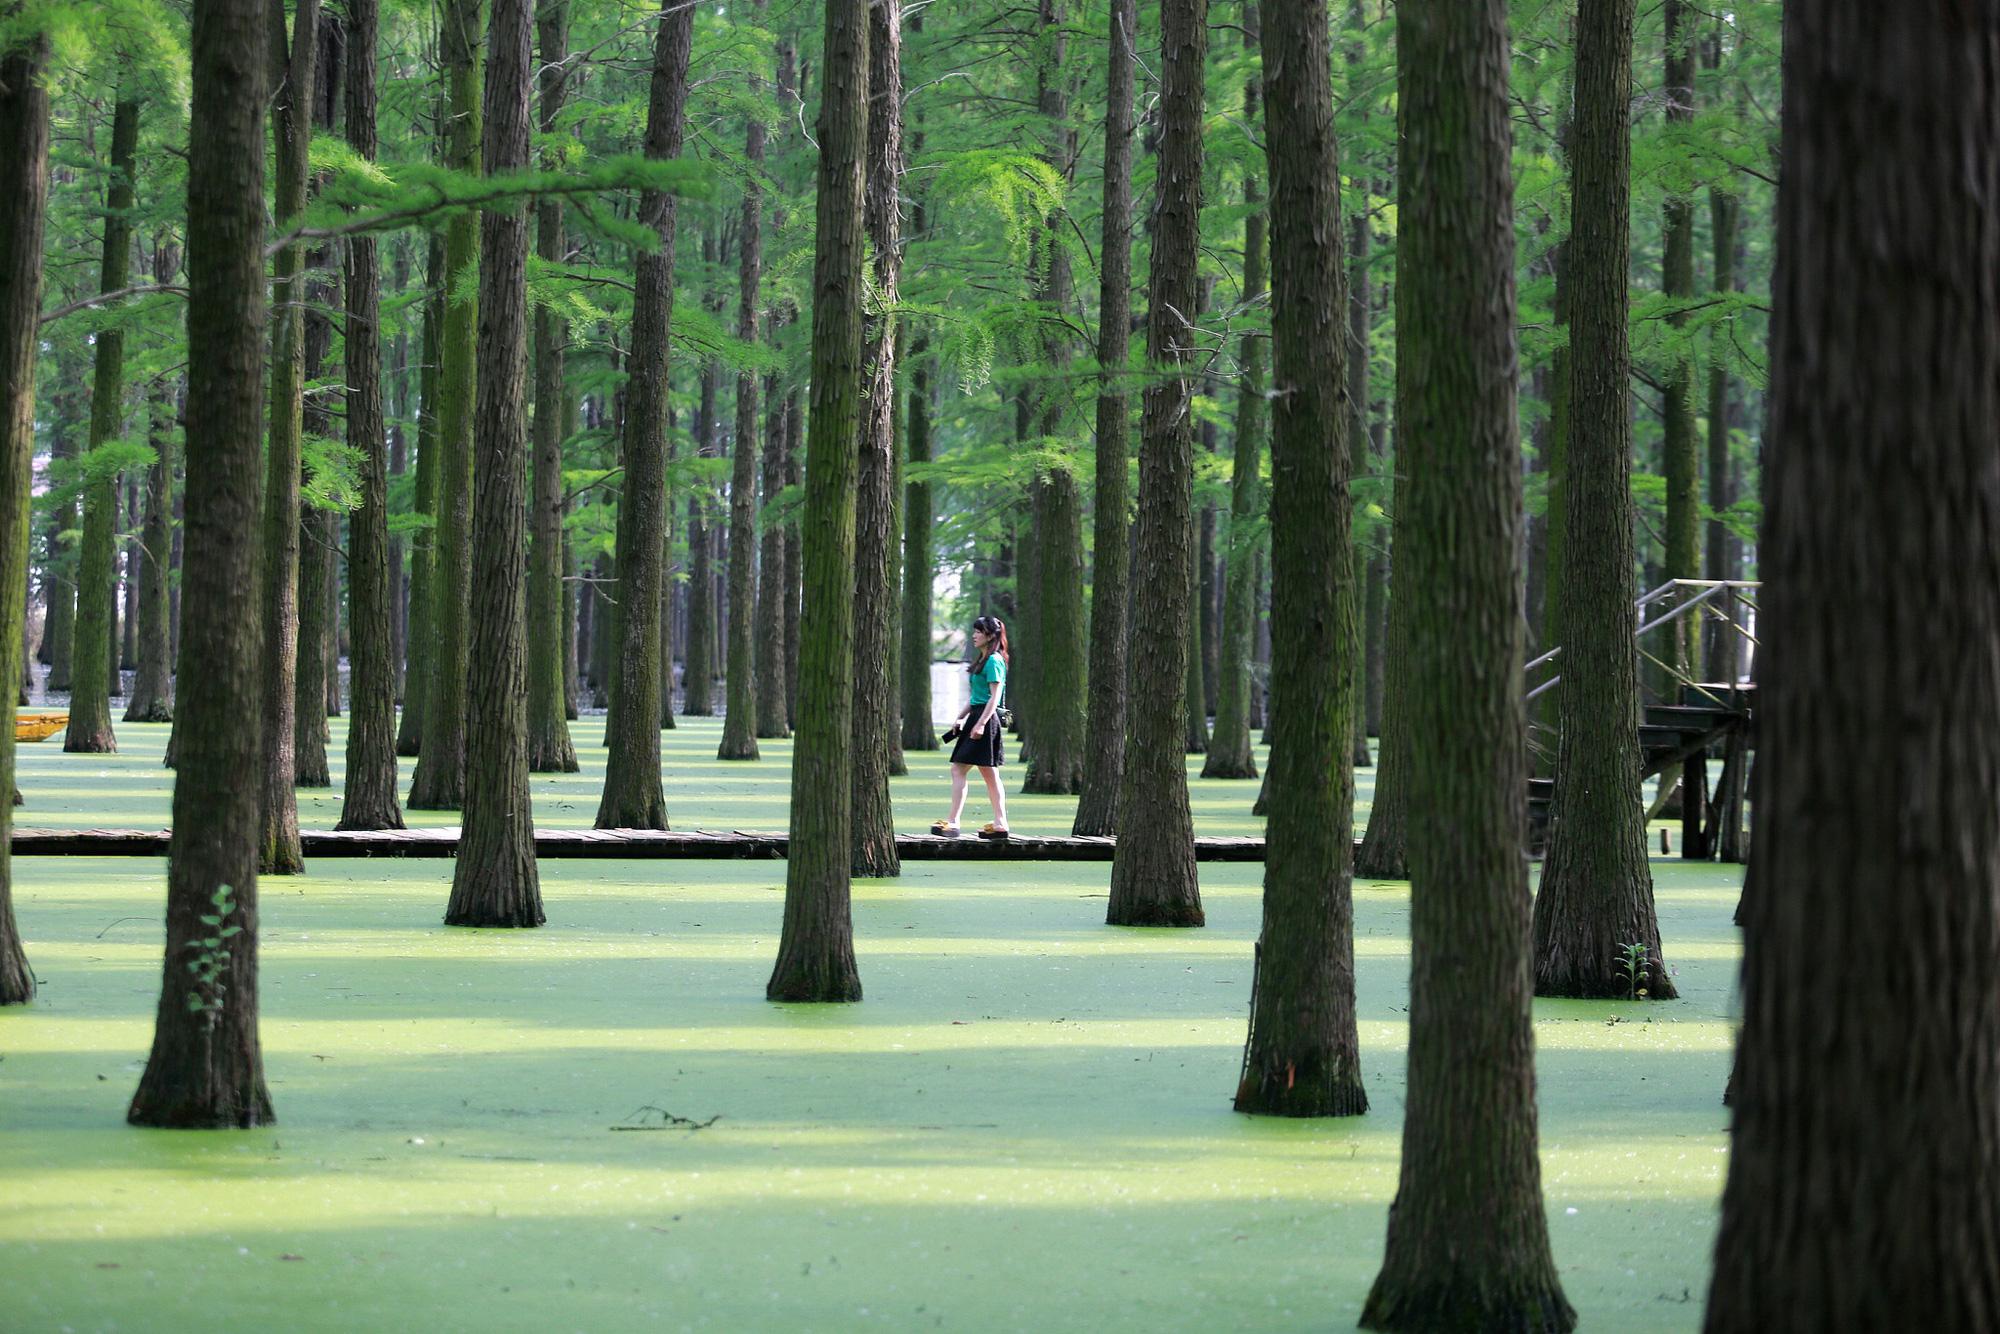 Chiêm ngưỡng vẻ đẹp lạ lùng của rừng tùng và thủy sam gỗ đỏ quý hiếm ở Trung Quốc - Ảnh 2.